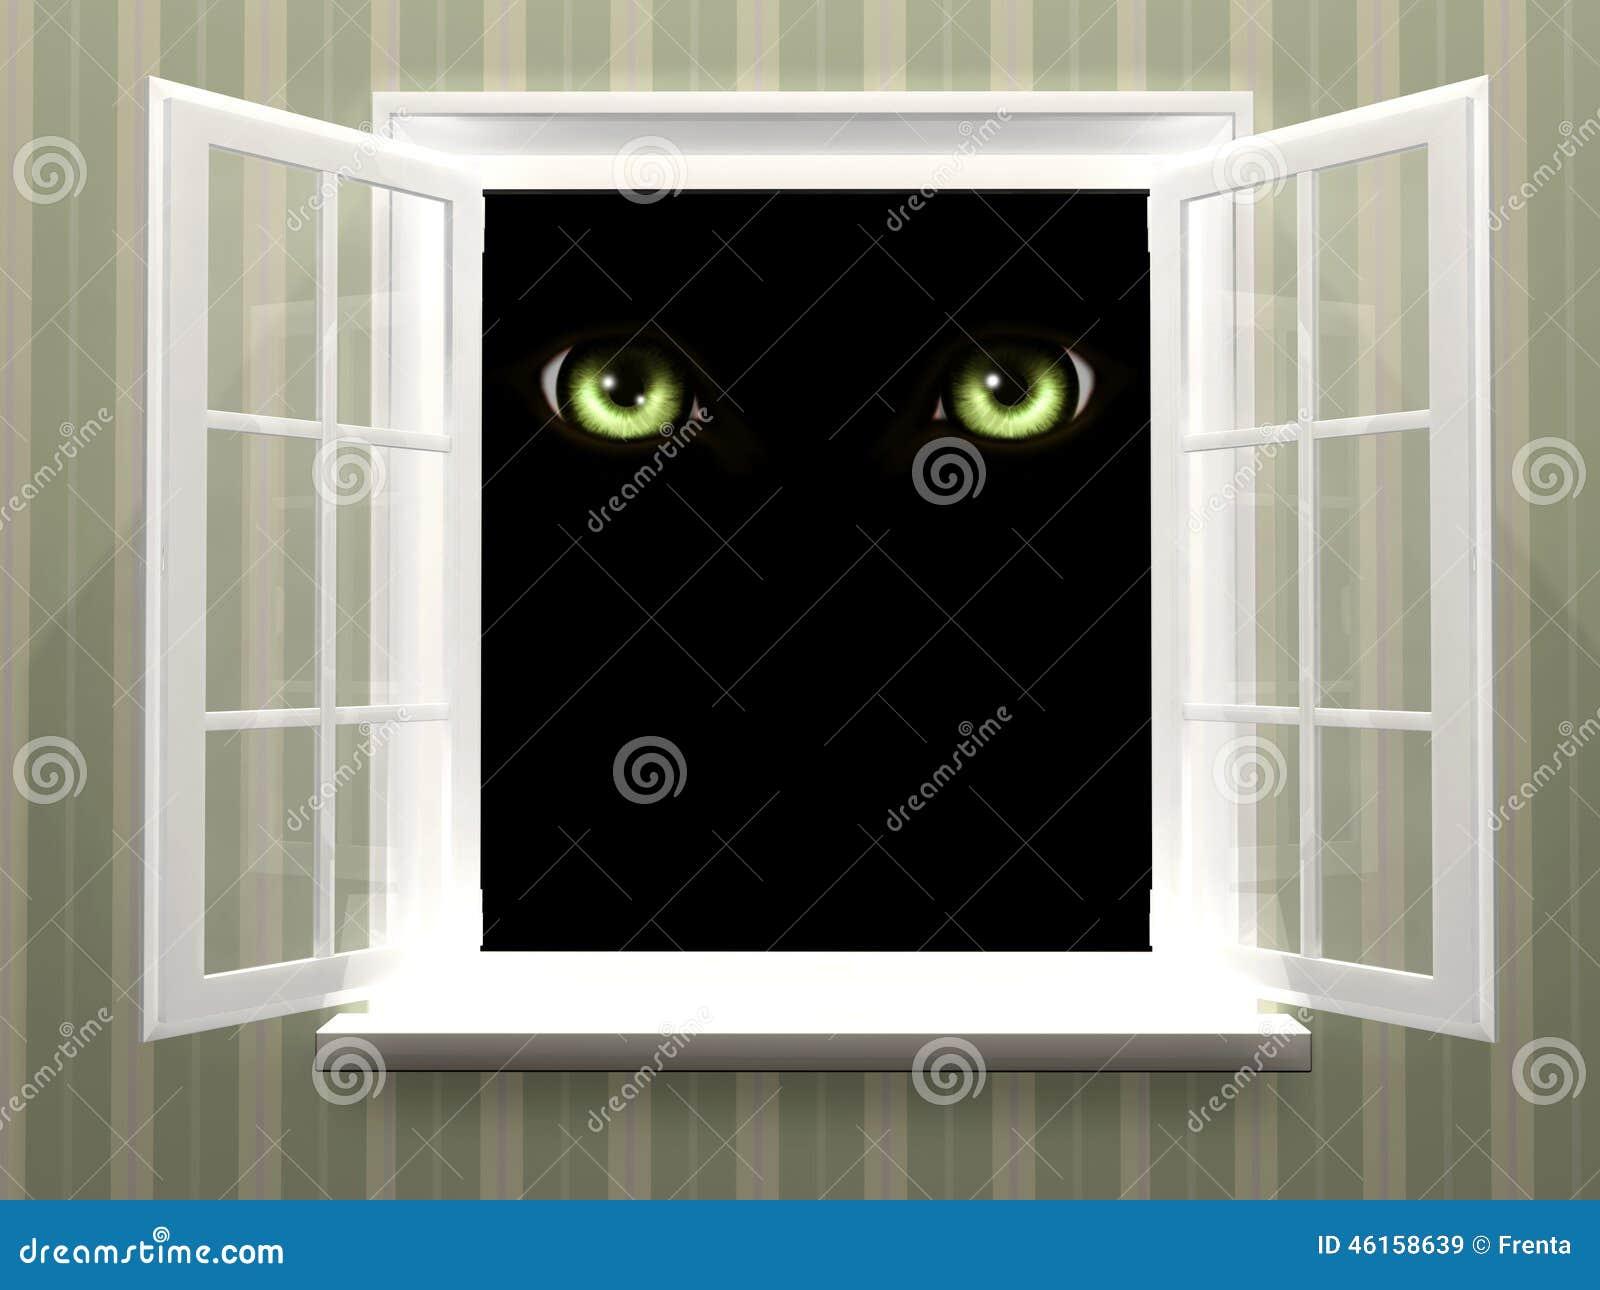 Ögon av monstret i öppet fönster